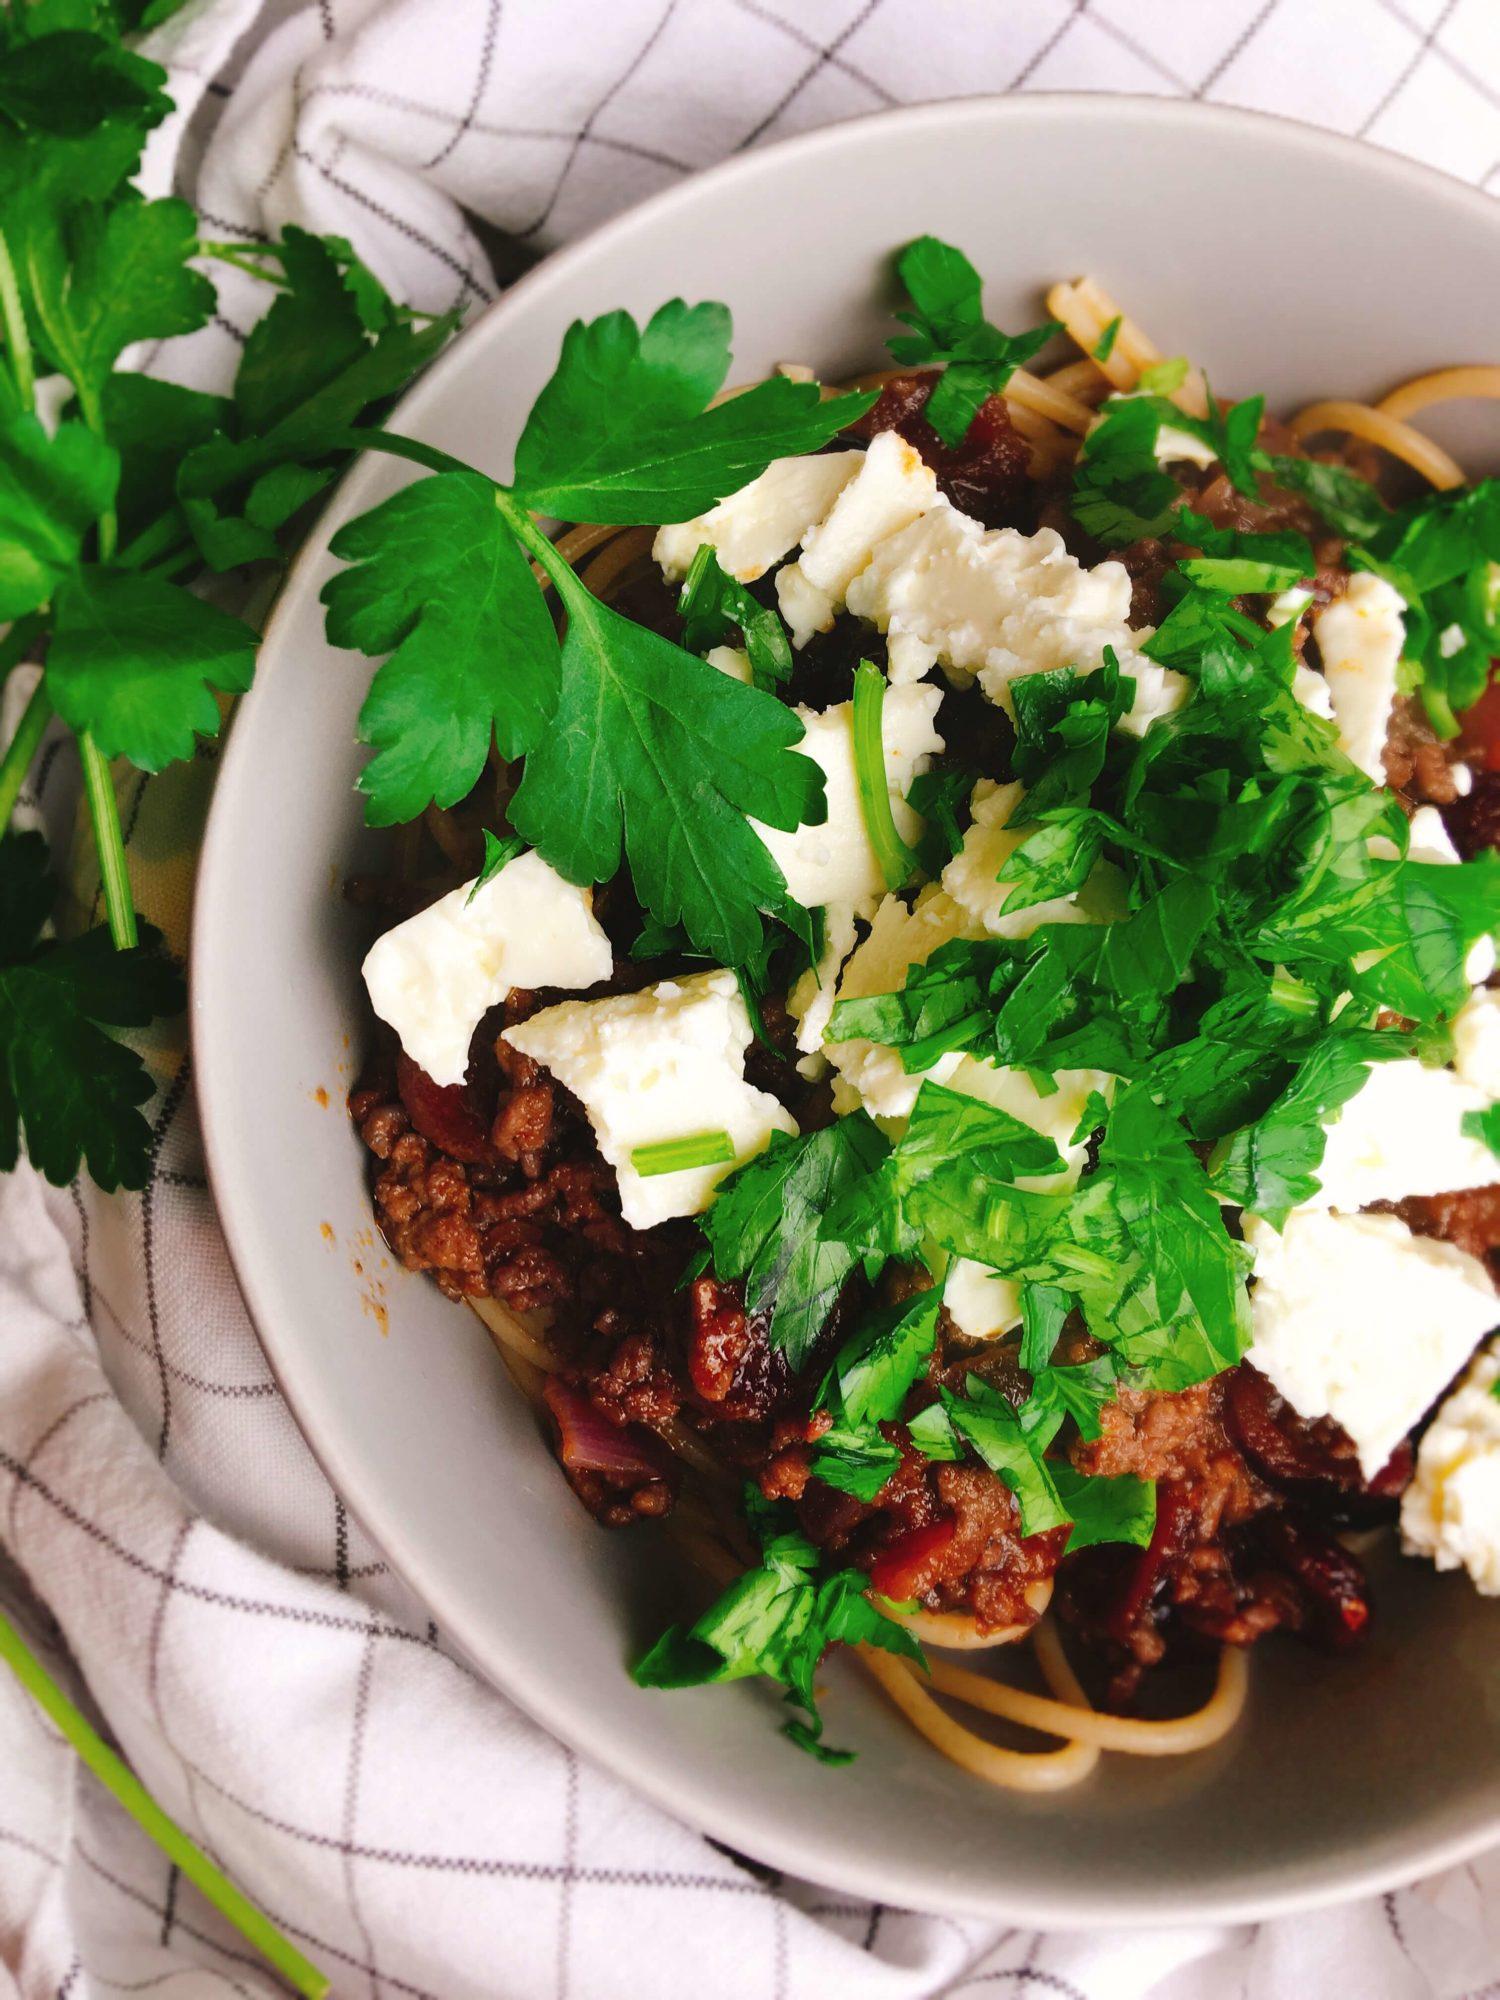 Eine ganz besondere Pasta mit Hackfleisch-Rotweinsauce, Cranberries und Schafskäse